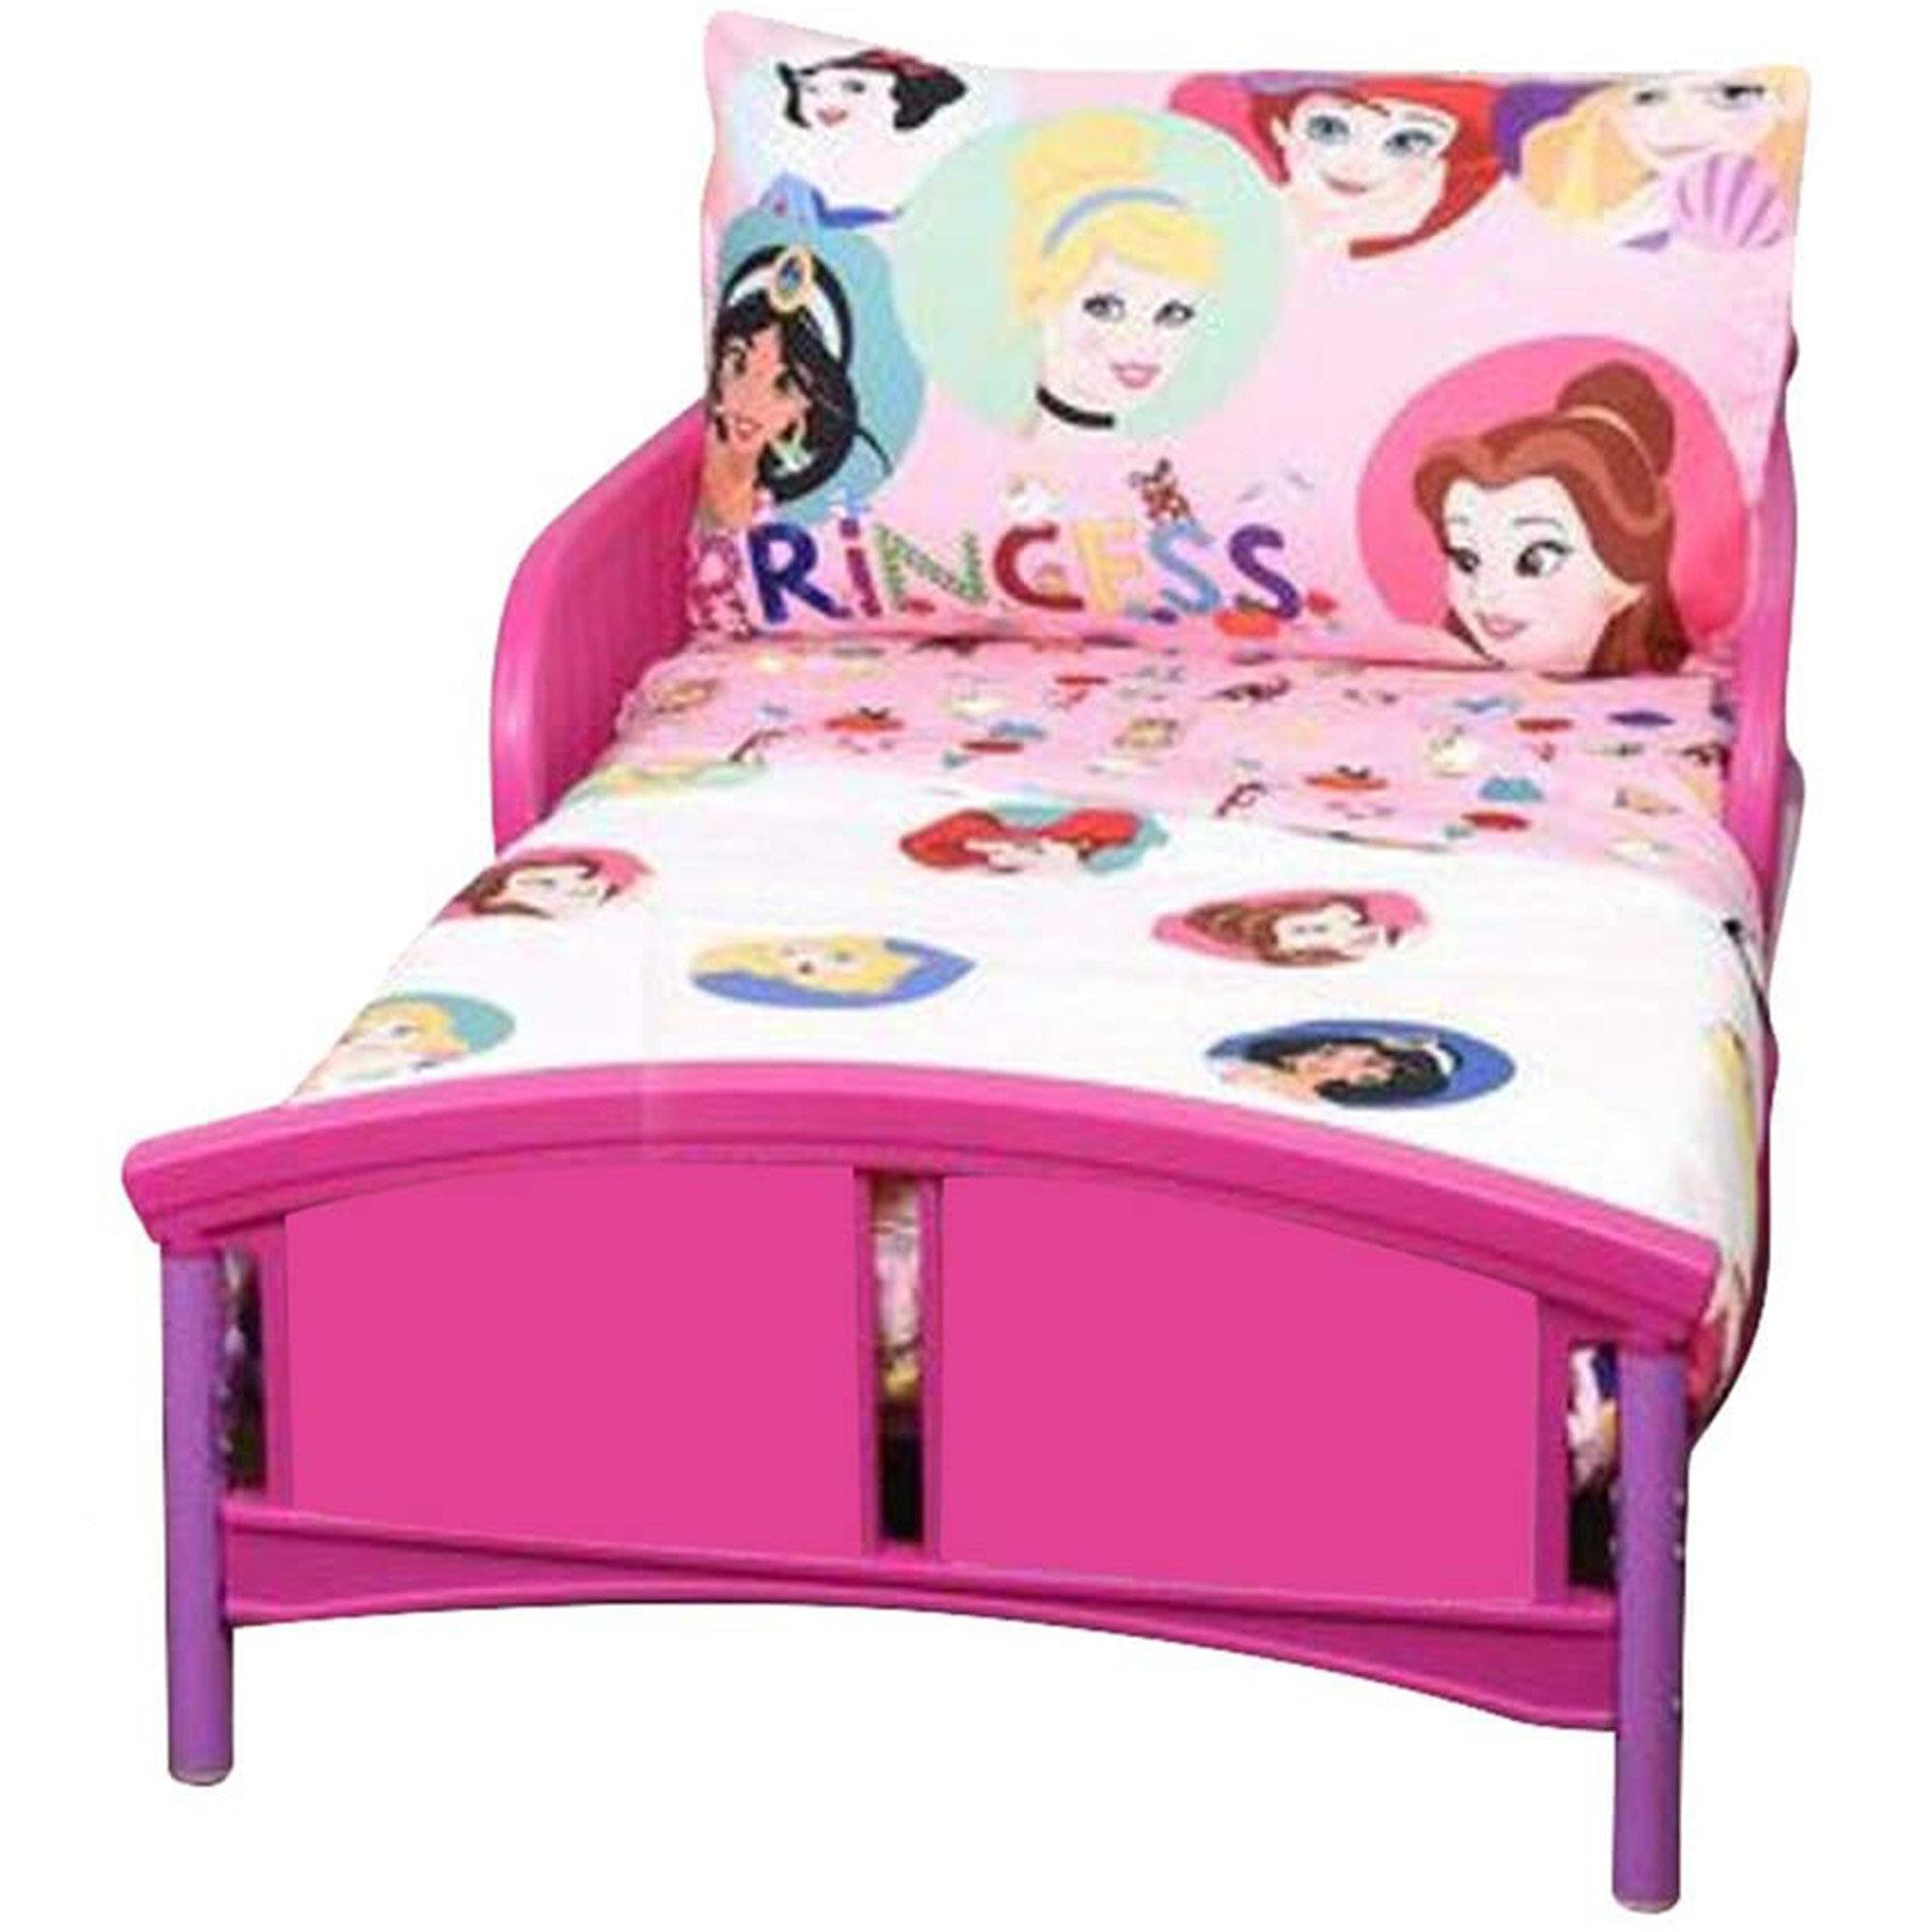 Disney Princess Cartoon Characters 3 Piece Toddler Bedding Set